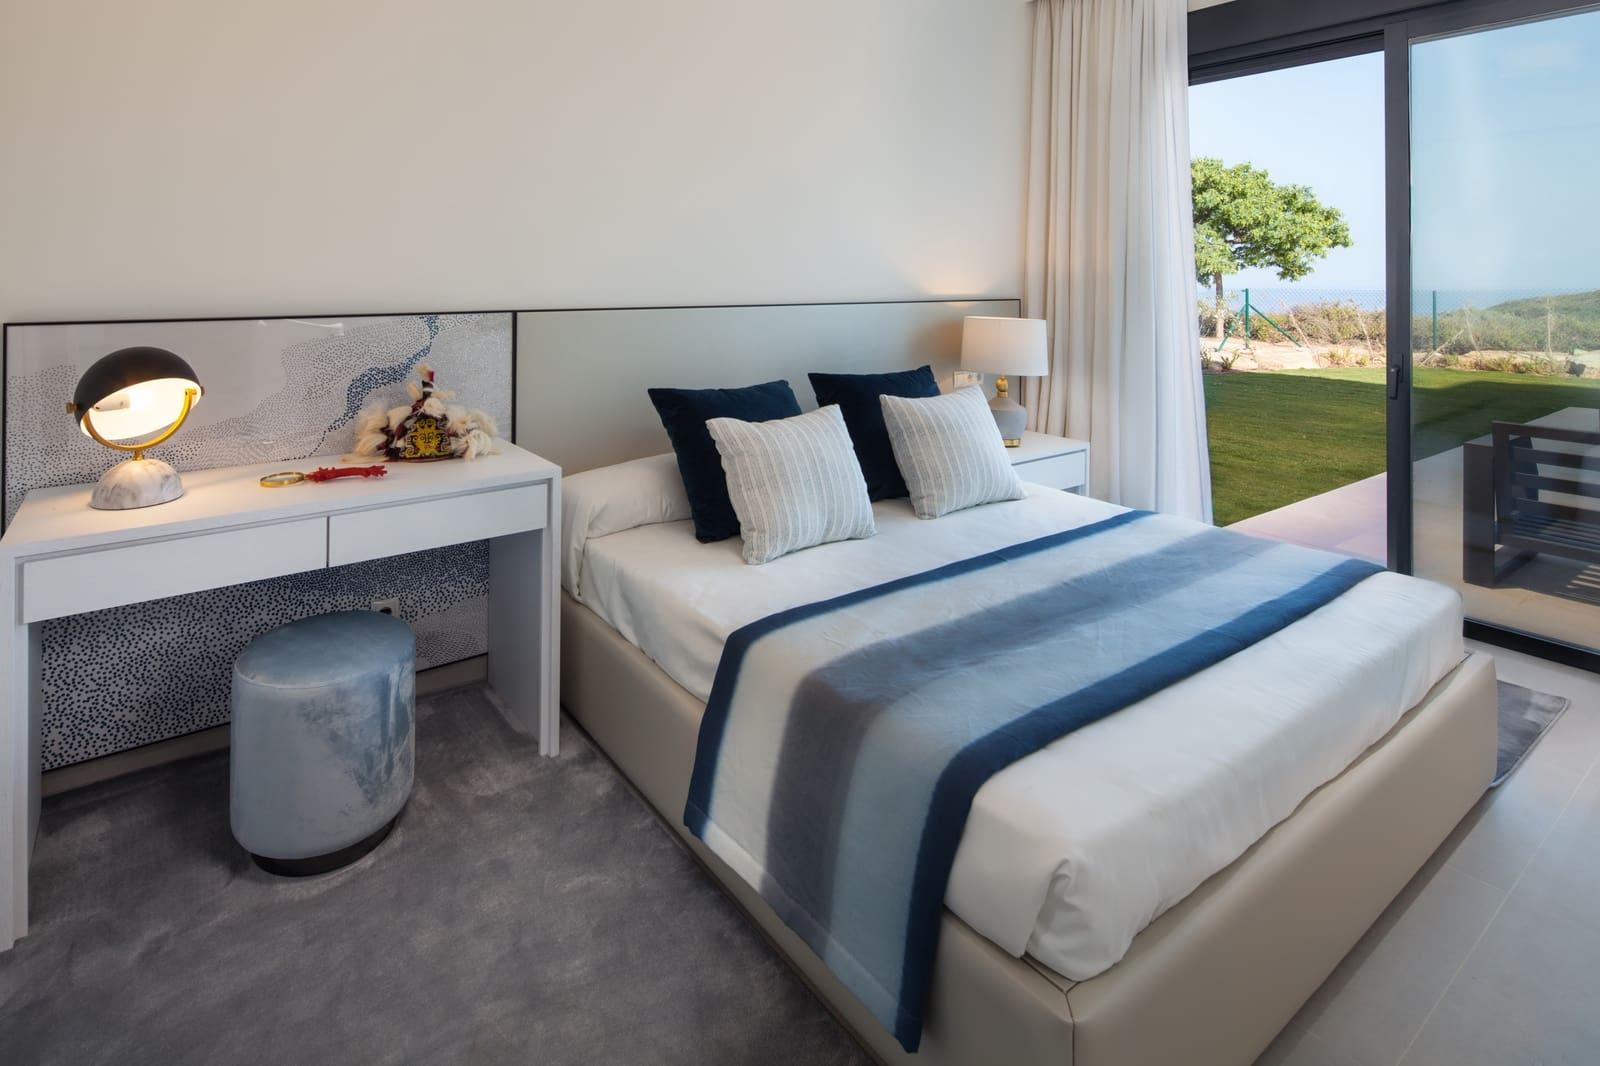 2 quarto Apartamento para venda em Casares com piscina - 455 000 € (Ref: 4001252)